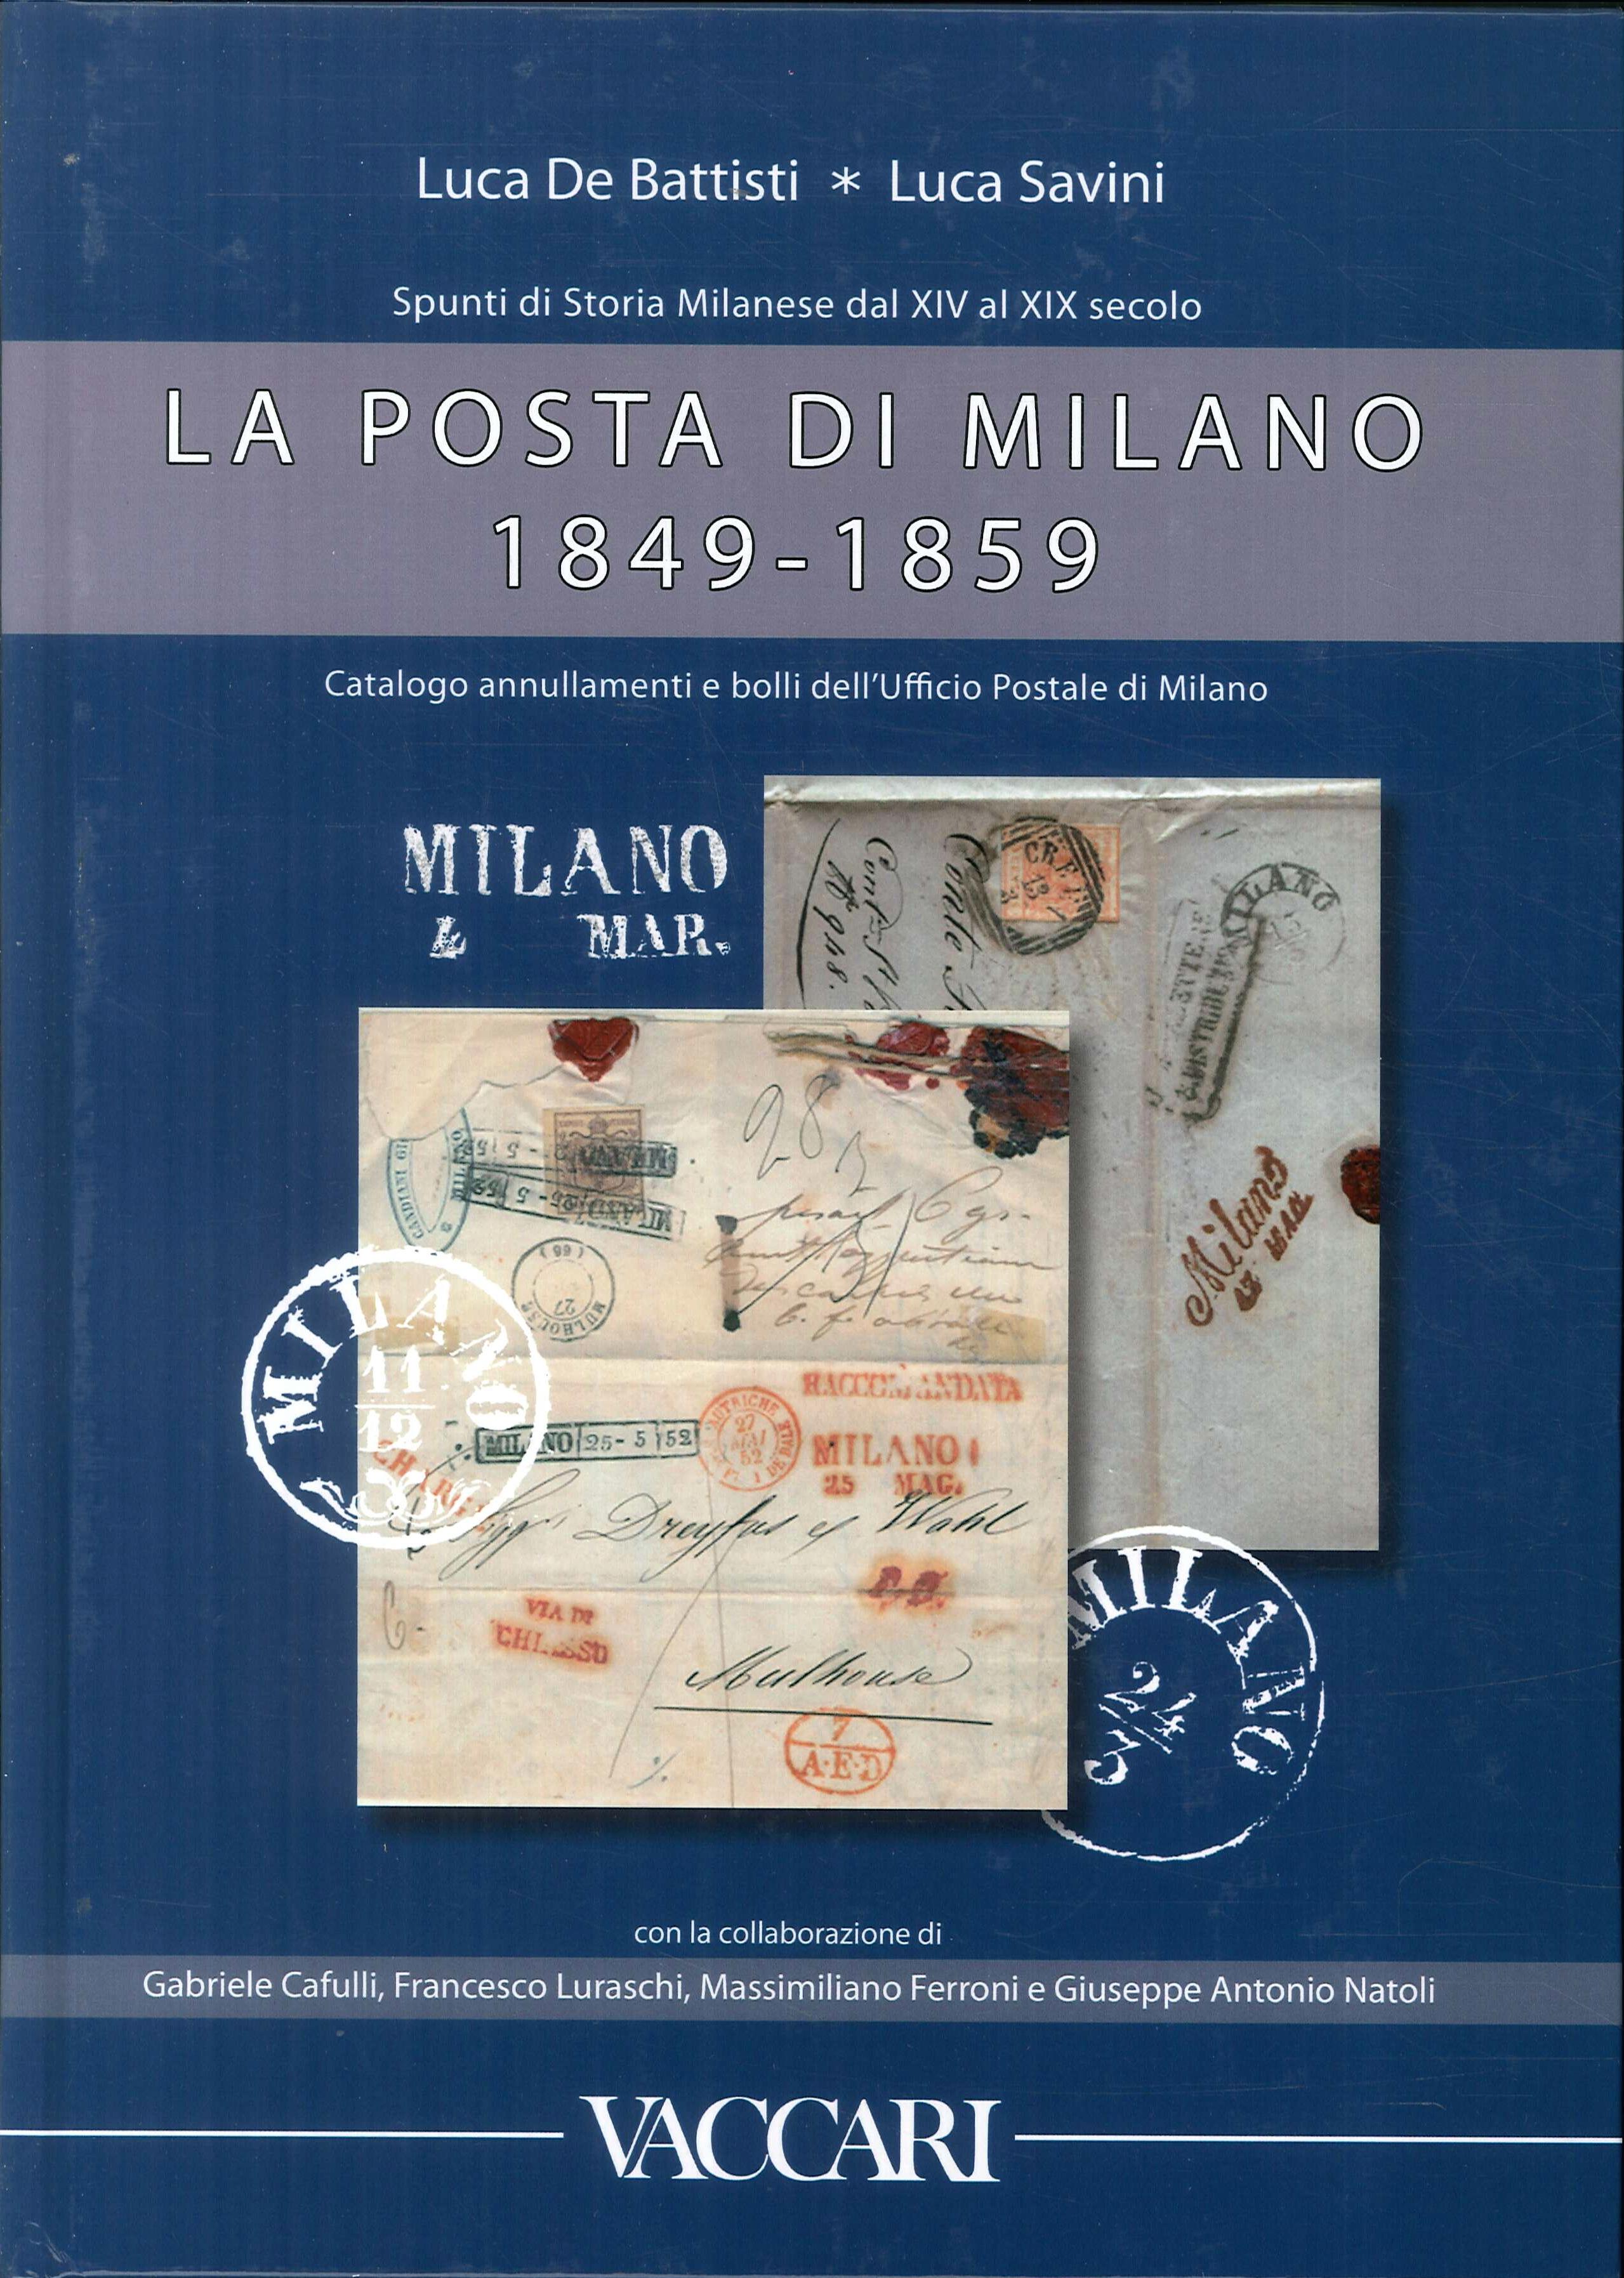 La posta di milano 1849-1859. Spunti di storia milanese dal XIV al XIX. Catalogo annullamenti e bolli dell'ufficio postale di Milano